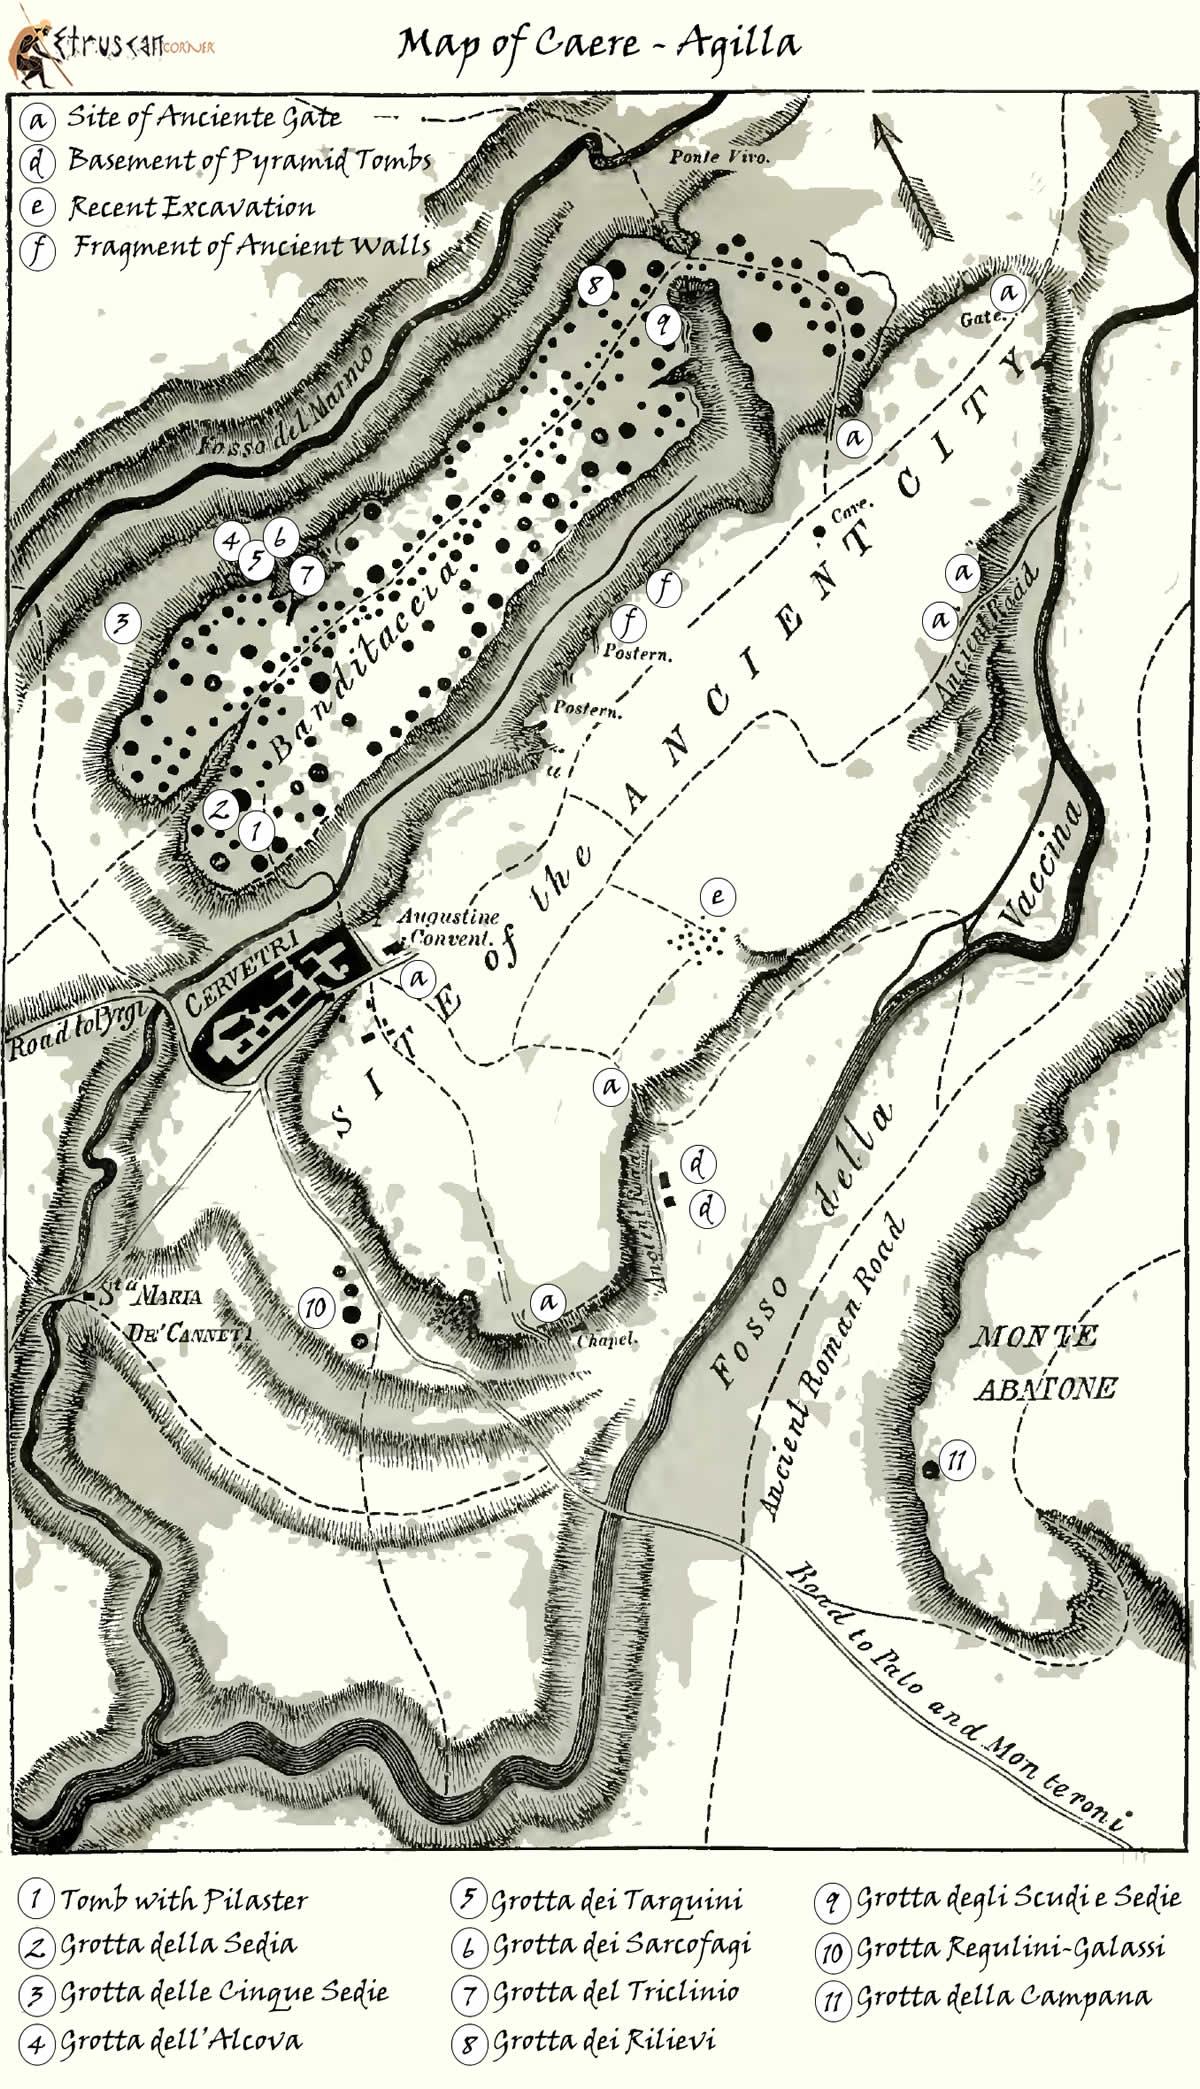 Mappa di Caere Agilla Cerveteri